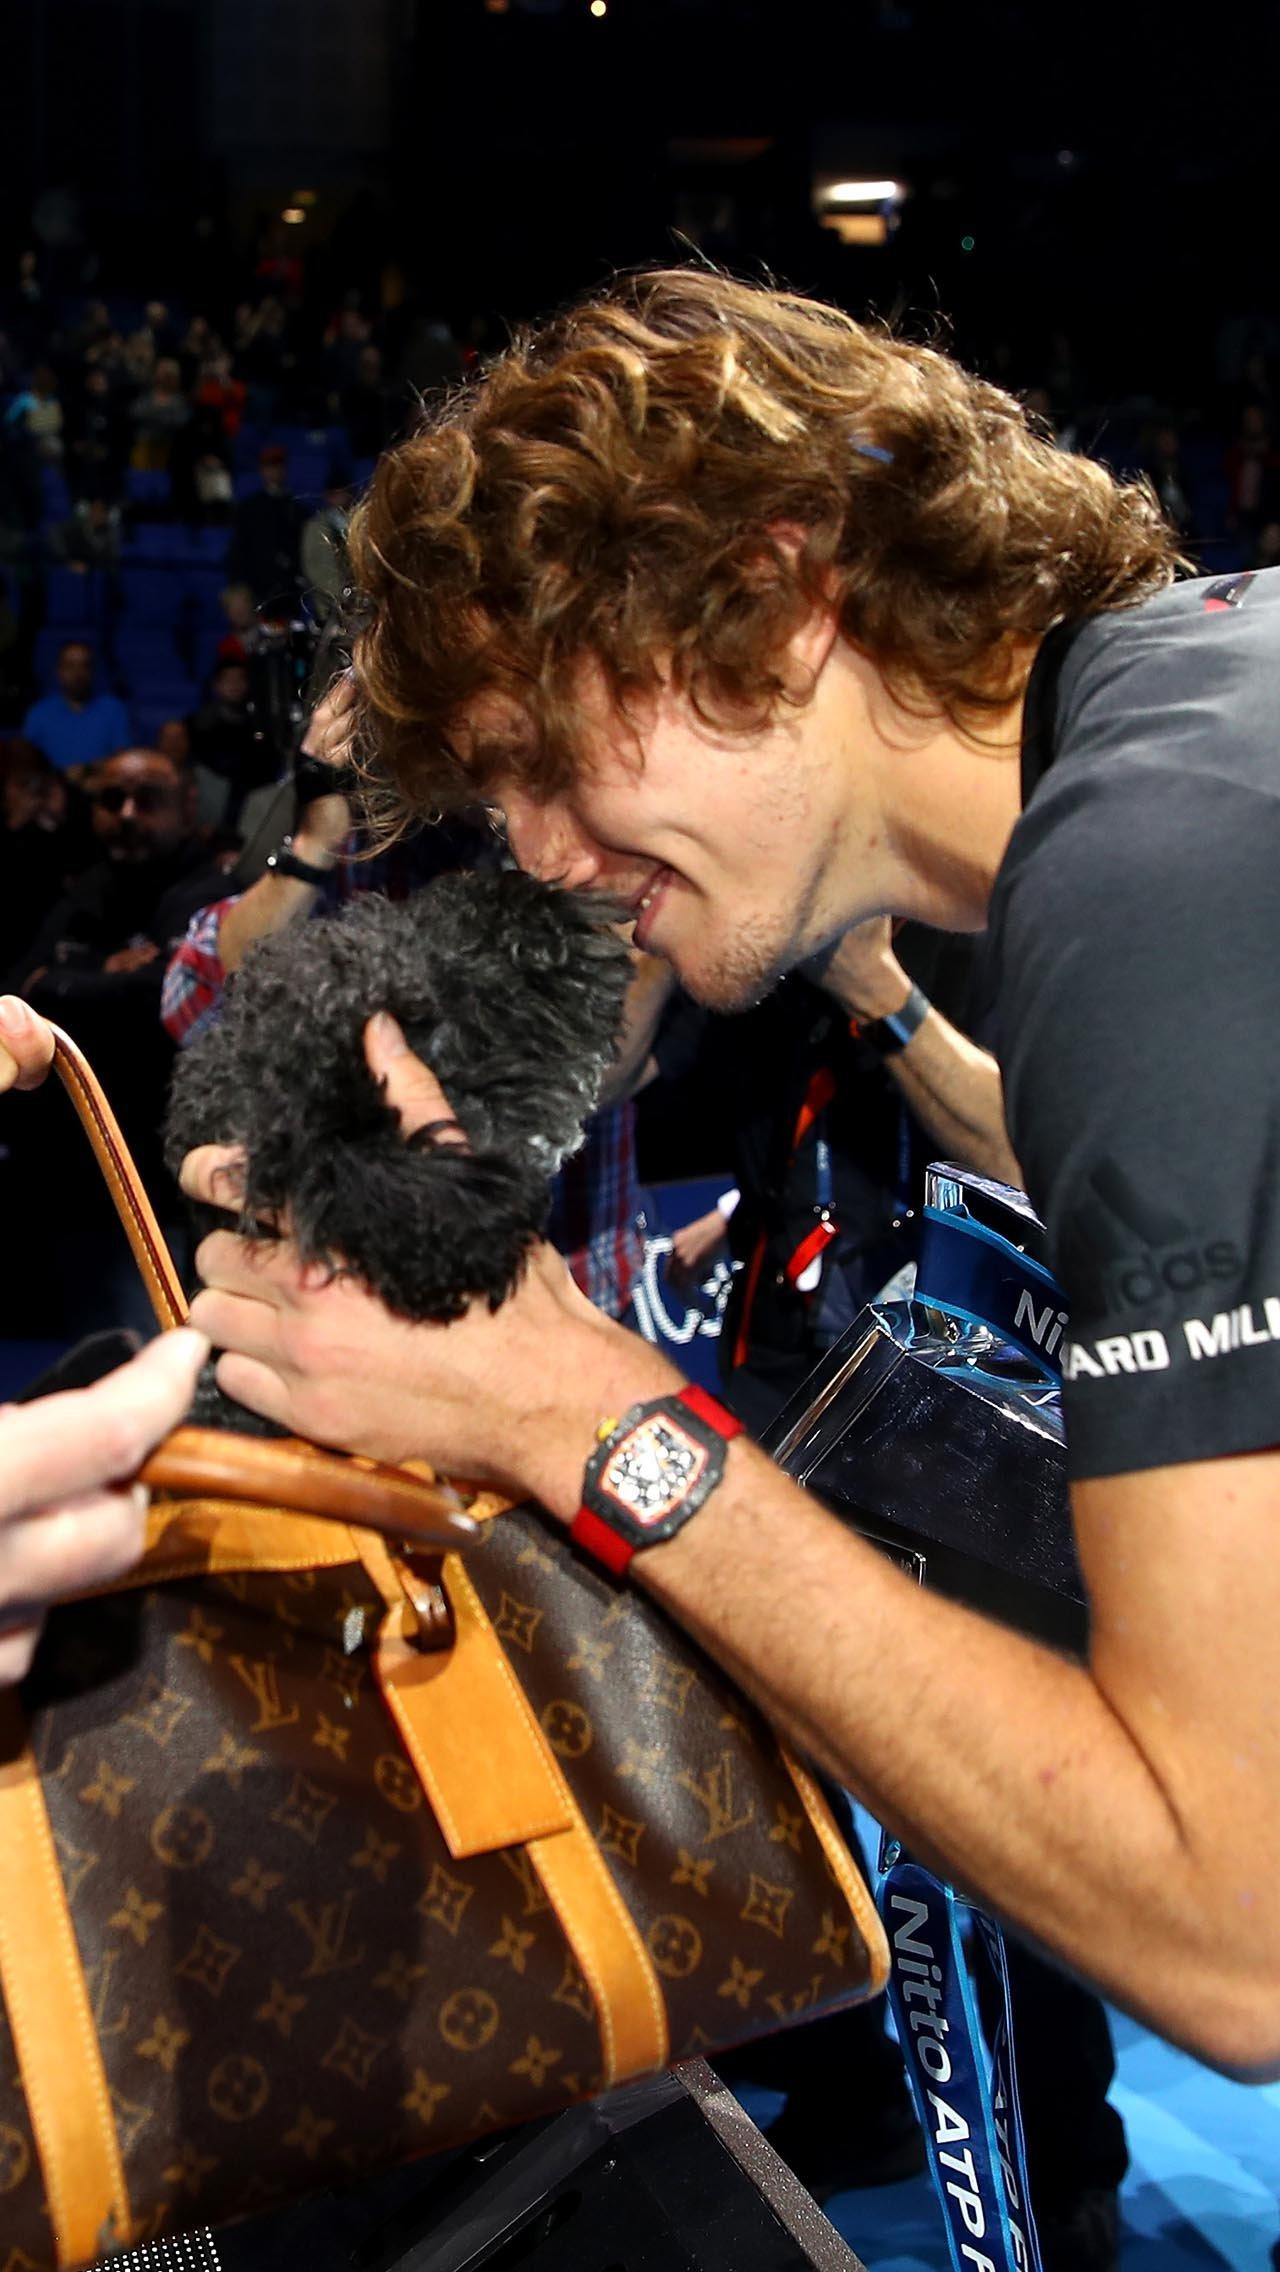 Александр Зверев<br/> Перед выходом на корт целует своих собачек<br/>